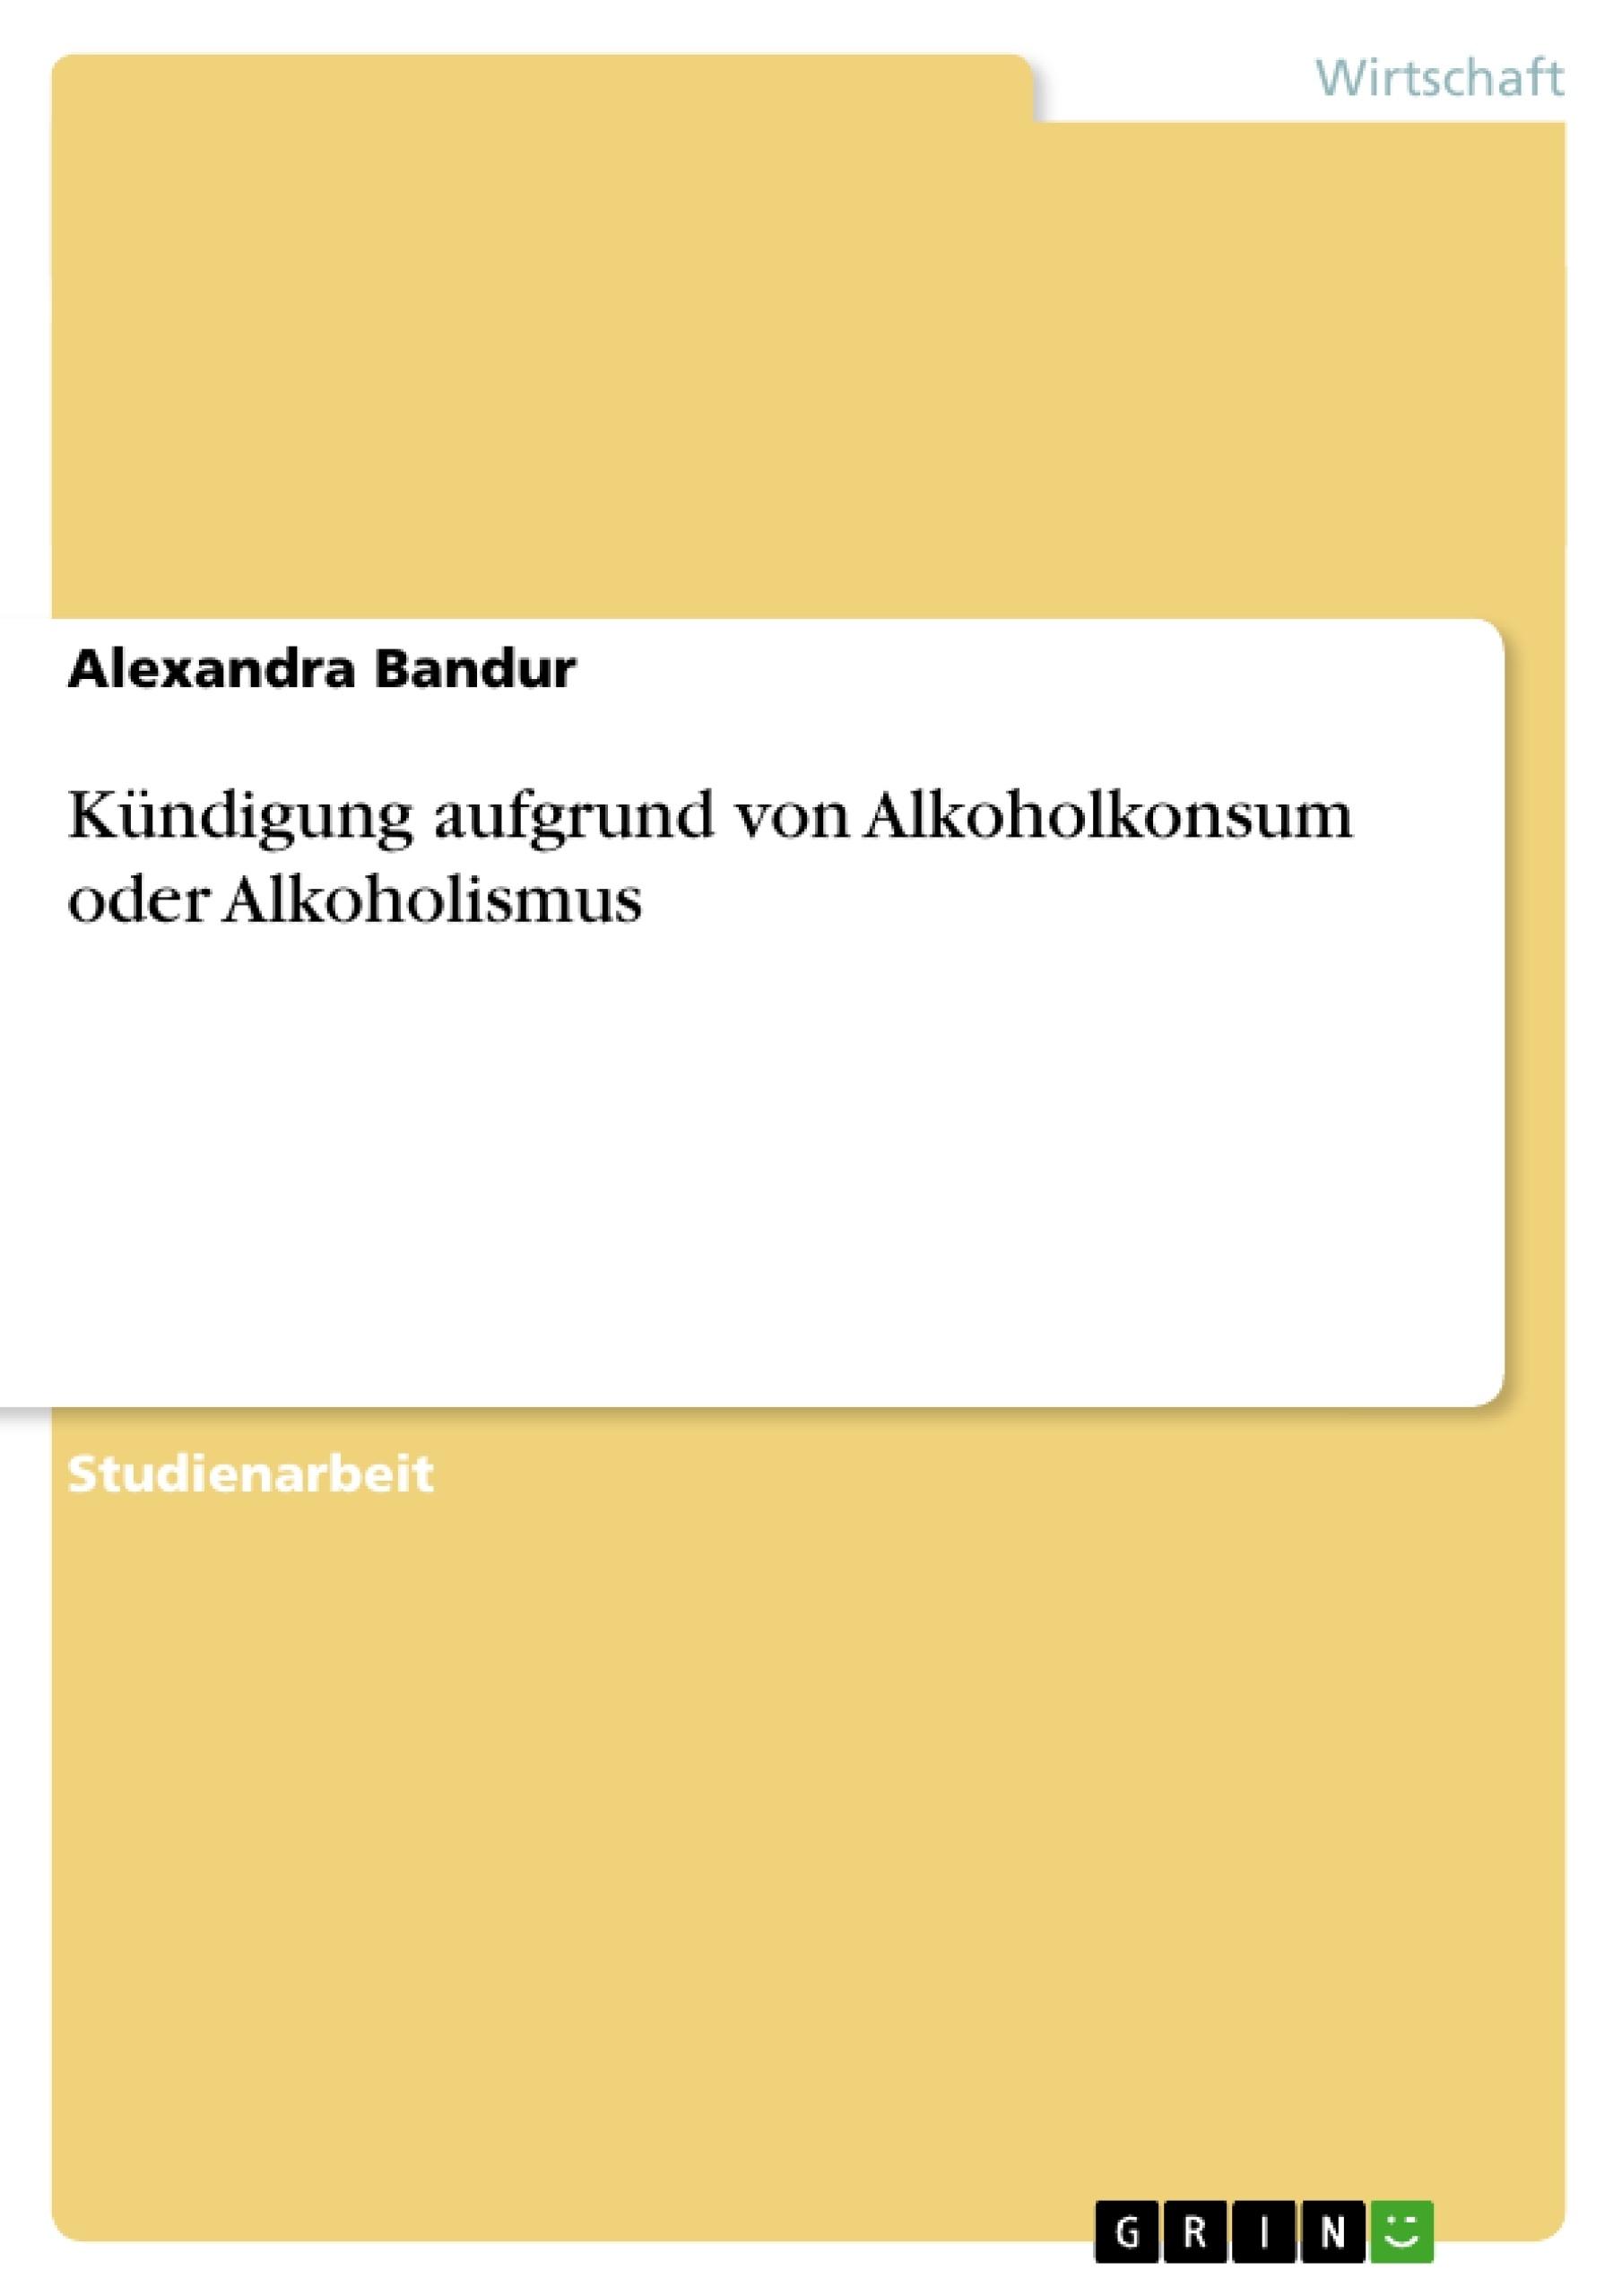 Titel: Kündigung aufgrund von Alkoholkonsum oder Alkoholismus